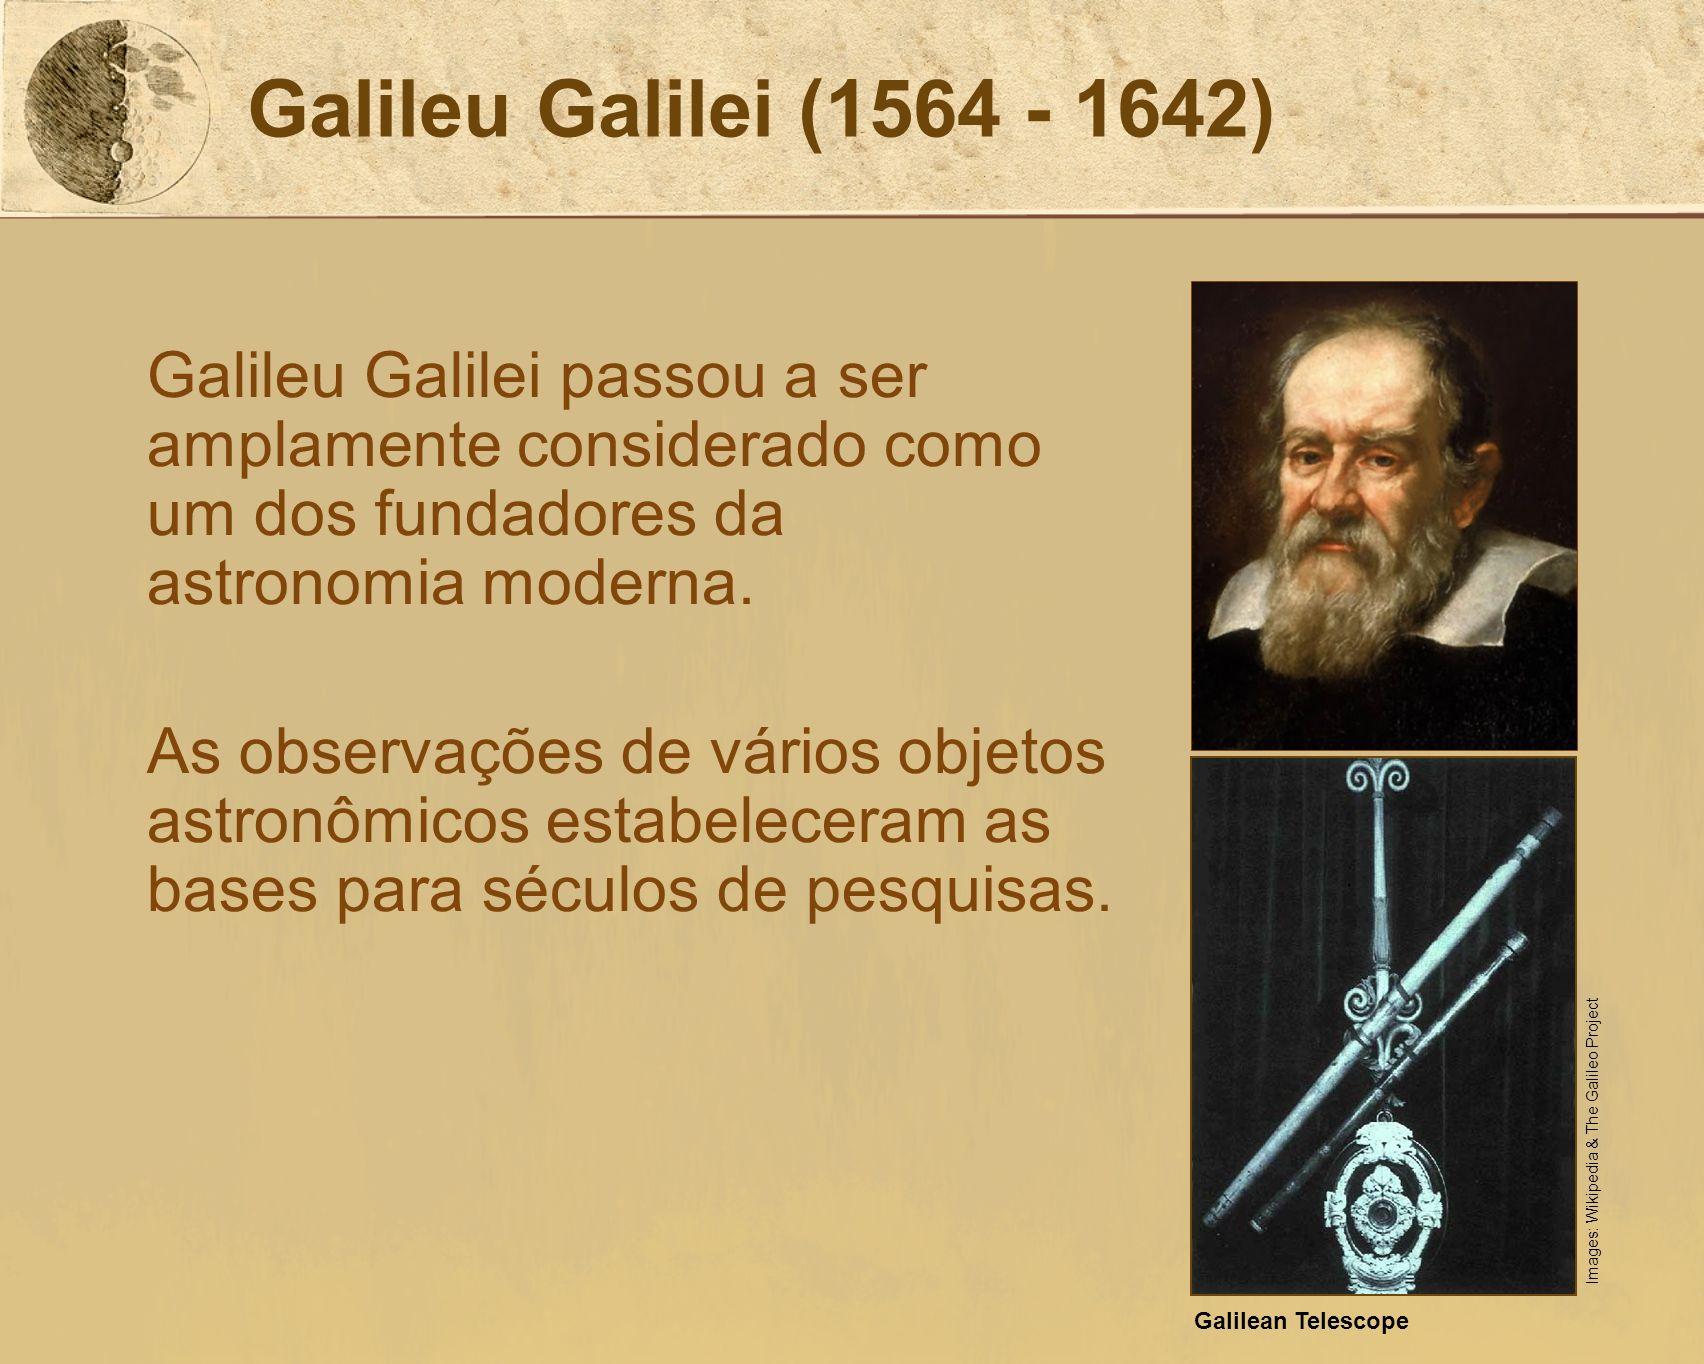 Galileu Galilei (1564 - 1642) Galileu Galilei passou a ser amplamente considerado como um dos fundadores da astronomia moderna.